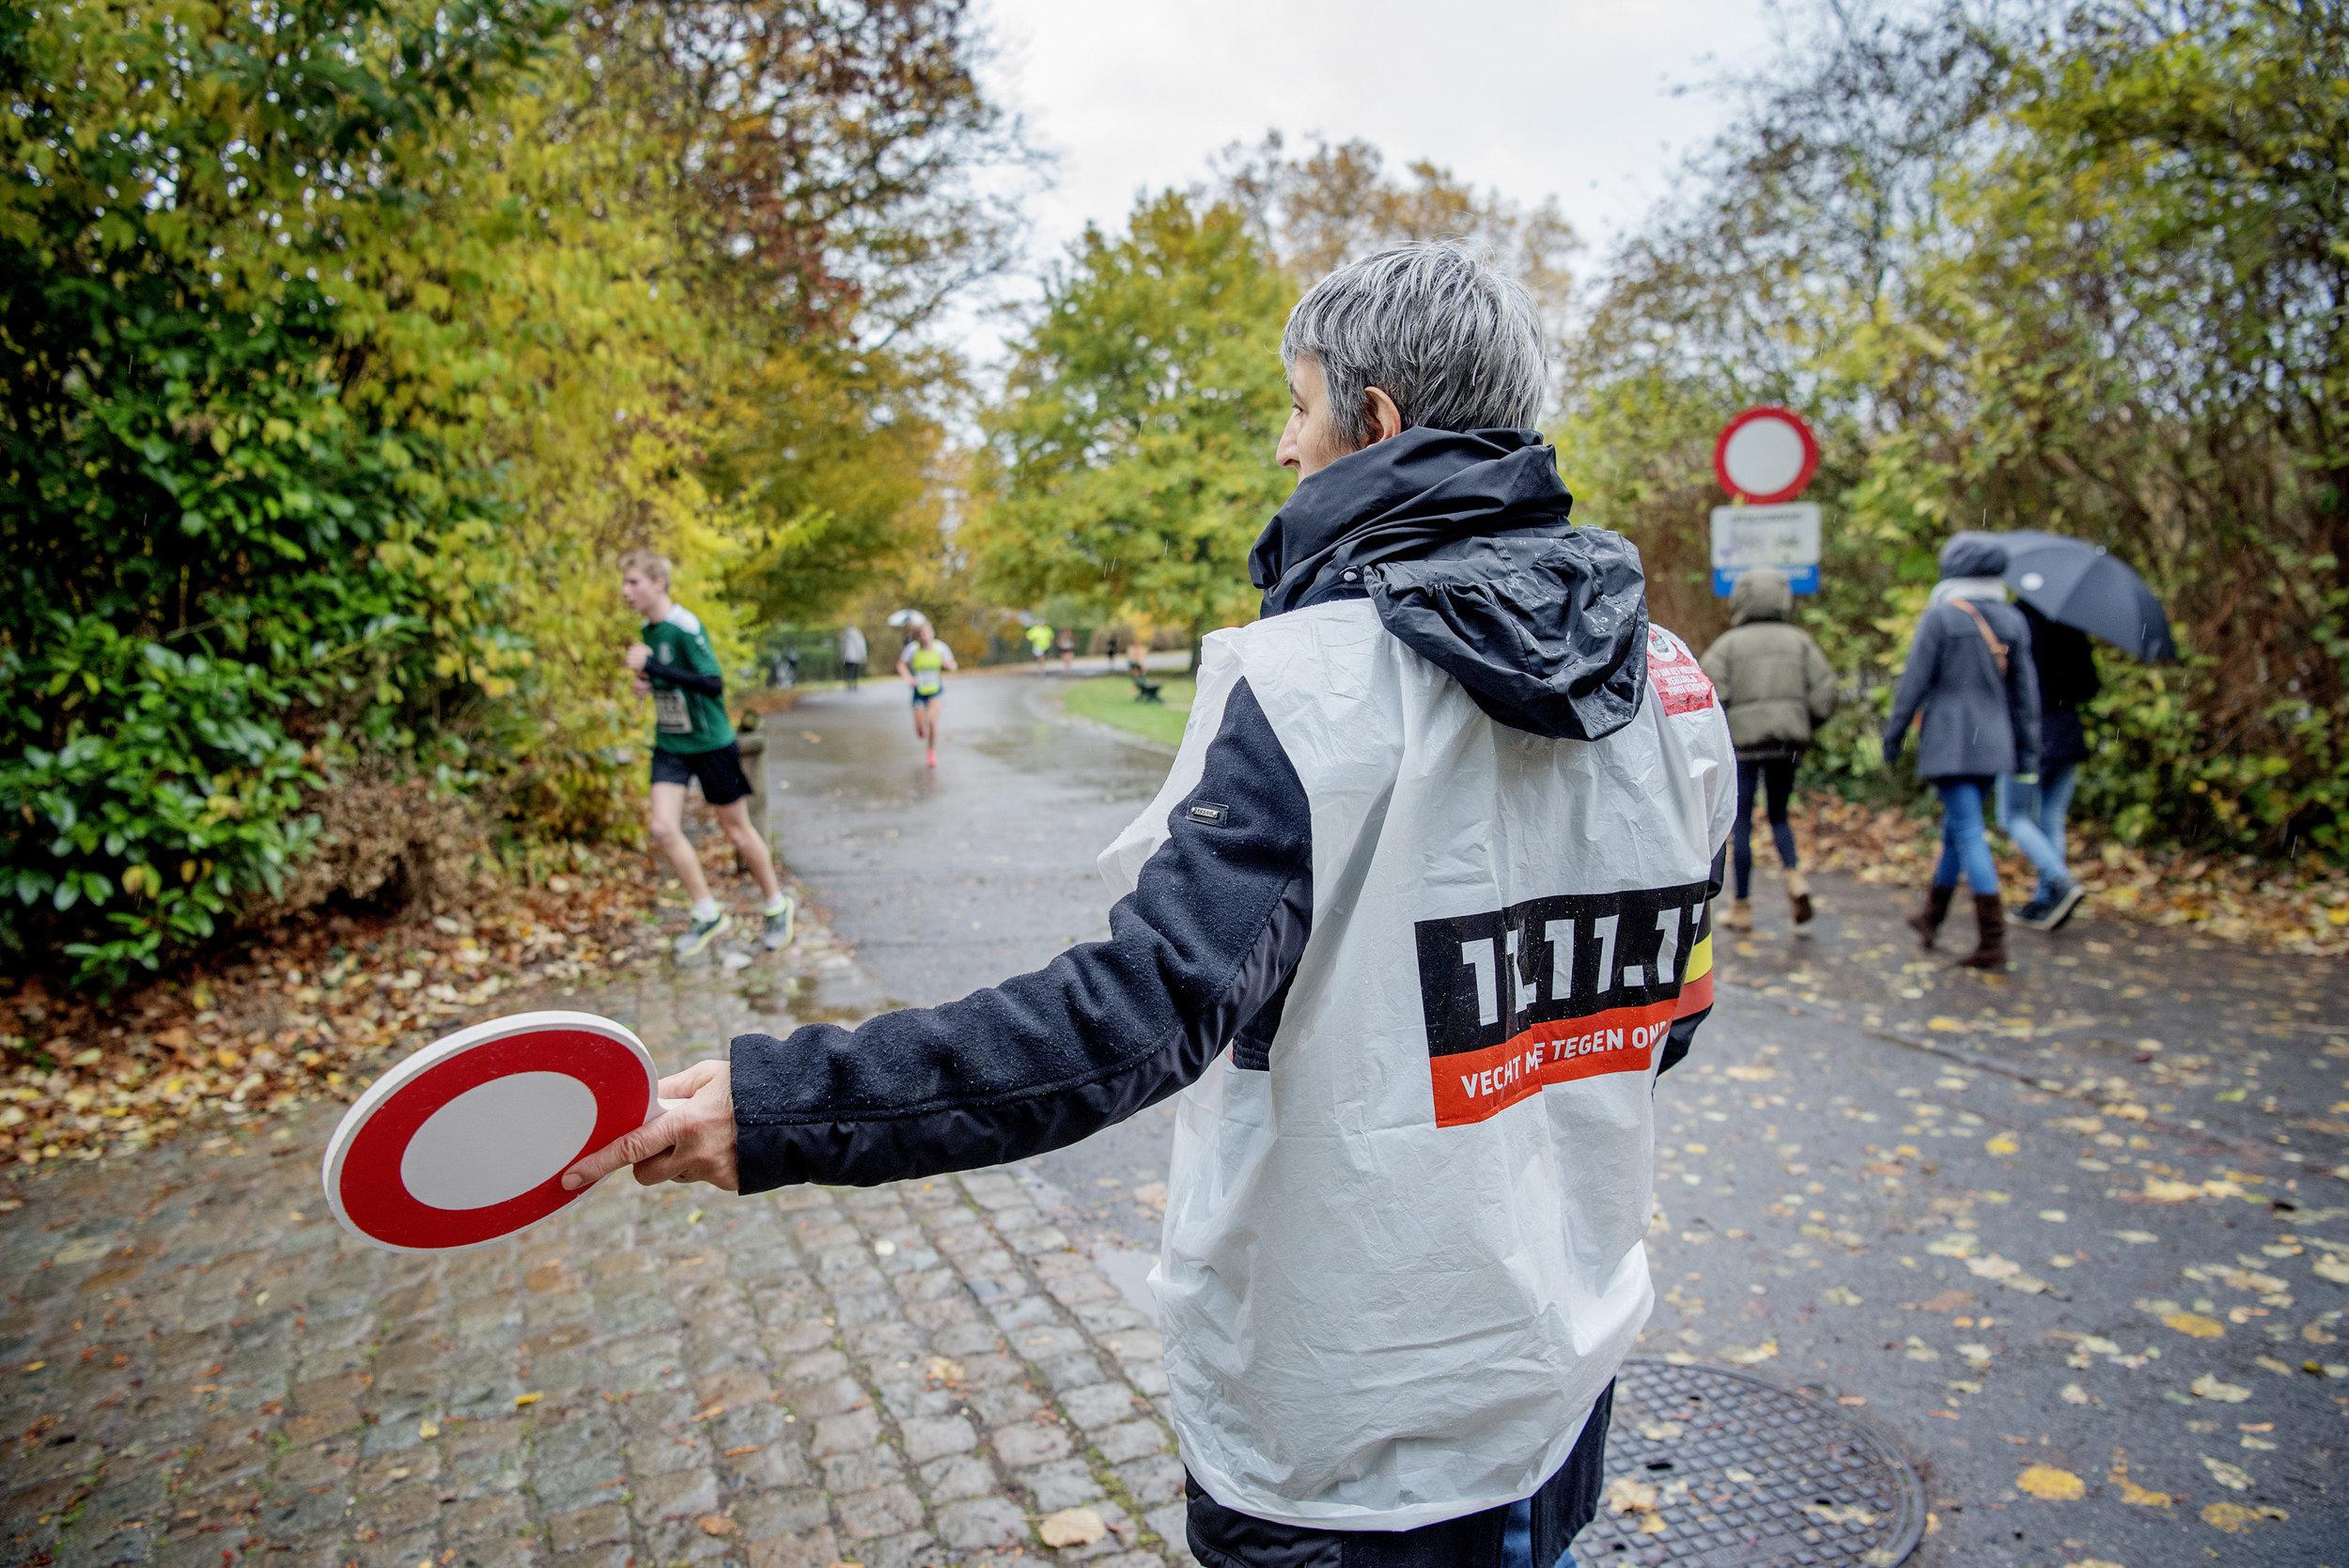 181111_11-11-11_acties_vlaams_brabant_172.jpg